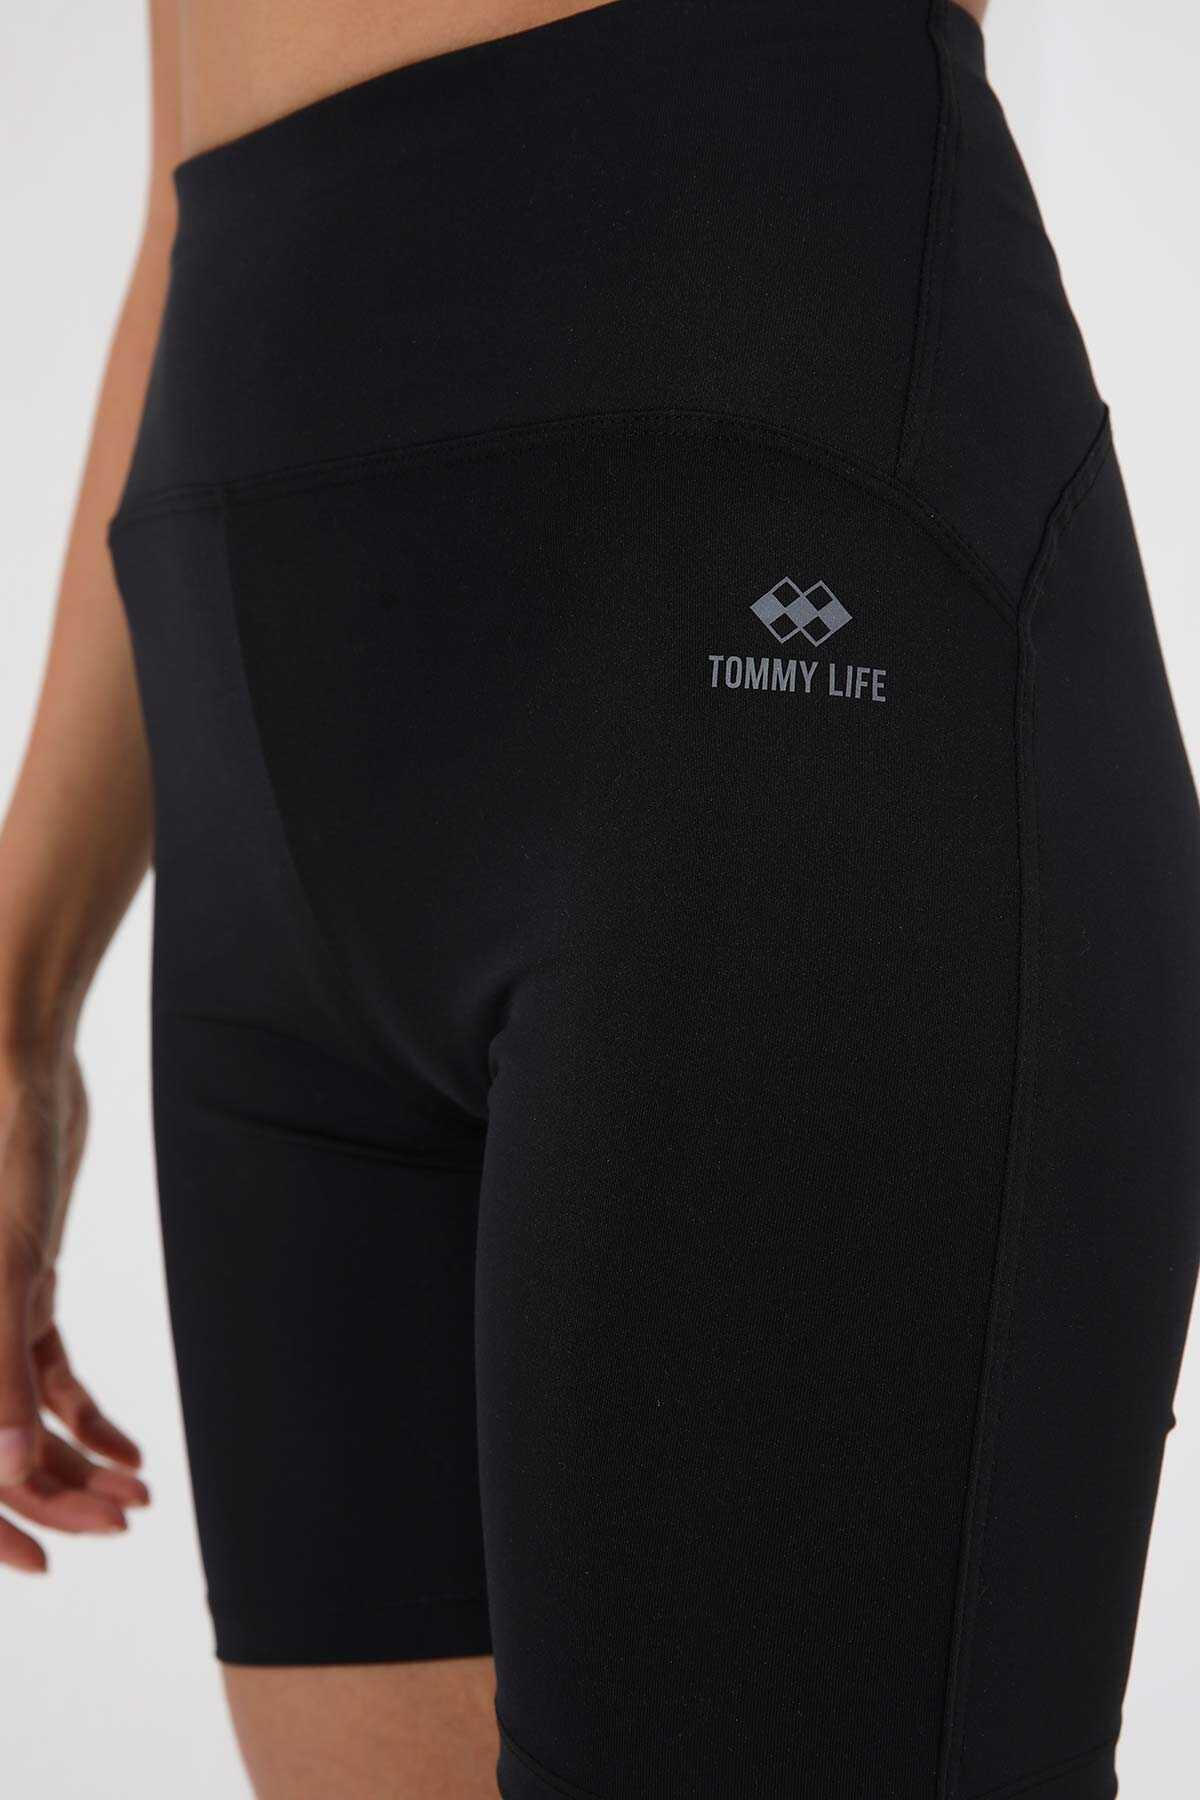 Tommy Life Toptan Siyah Kadın Yüksek Bel Toparlayıcı Kısa Biker Tayt - 91007